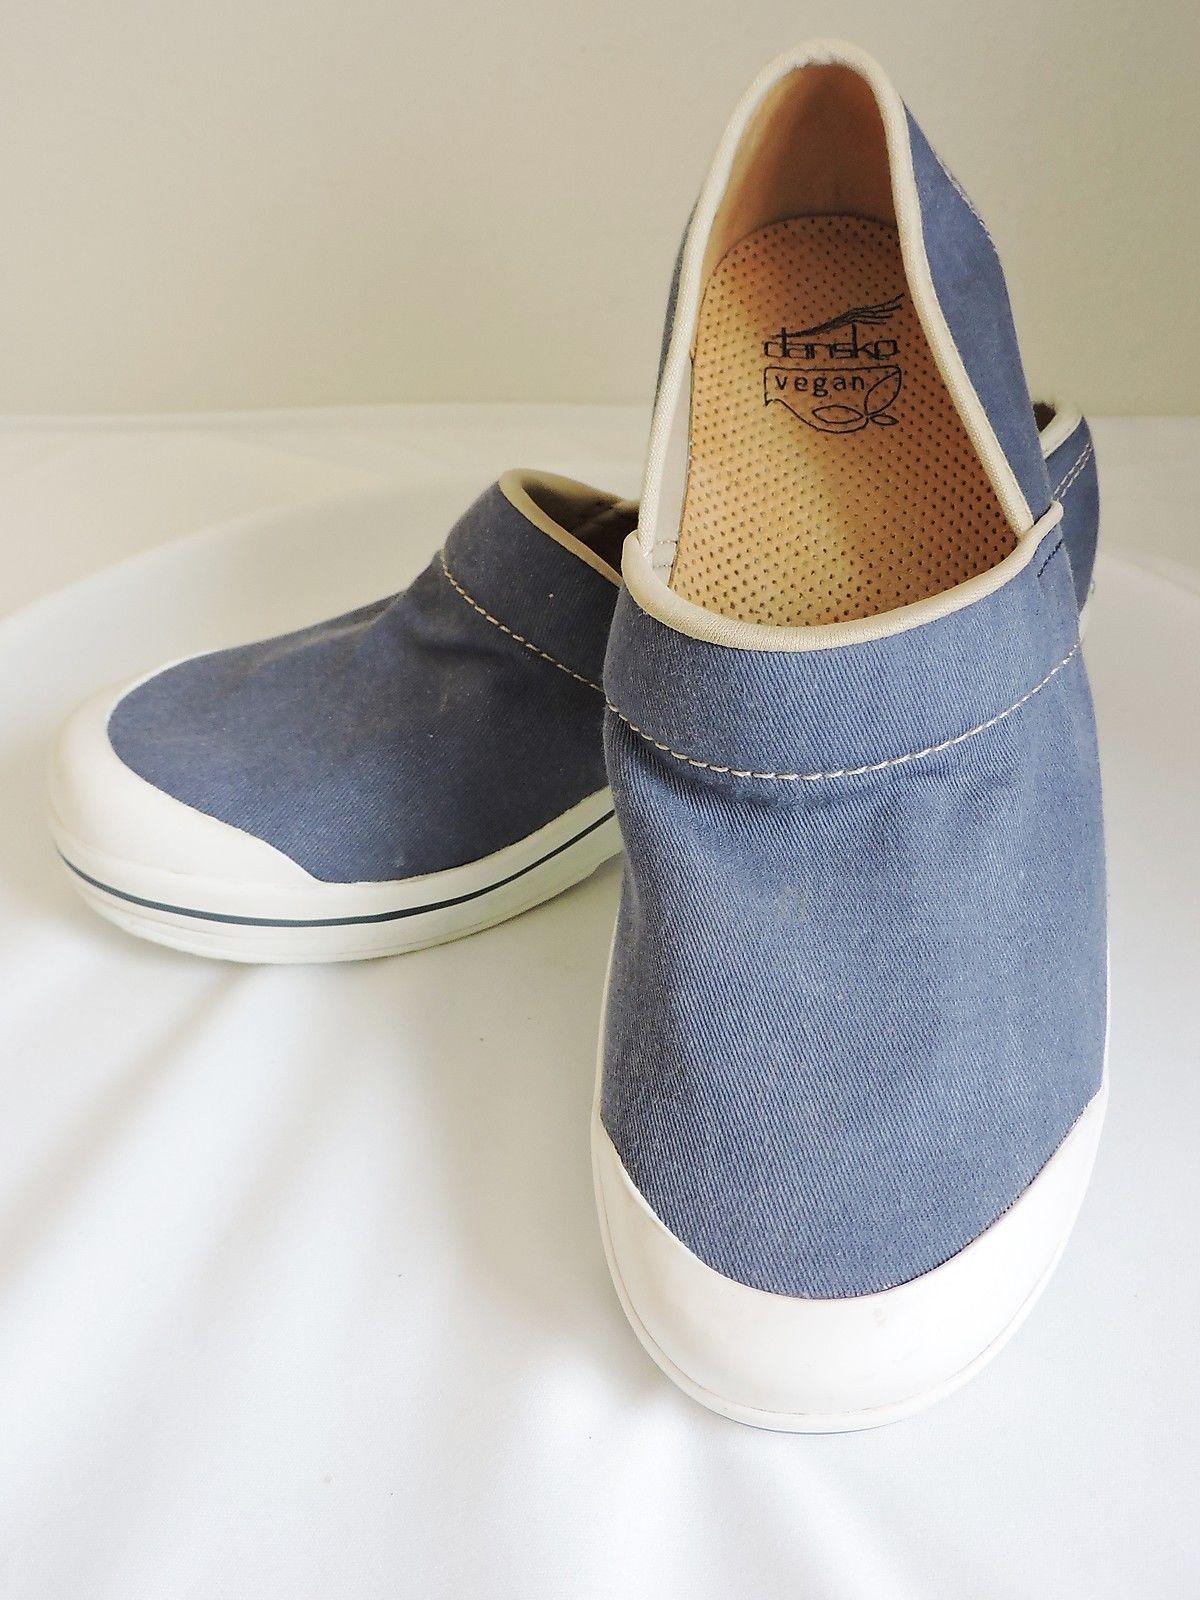 Dansko Womens Shoes Size  Blue